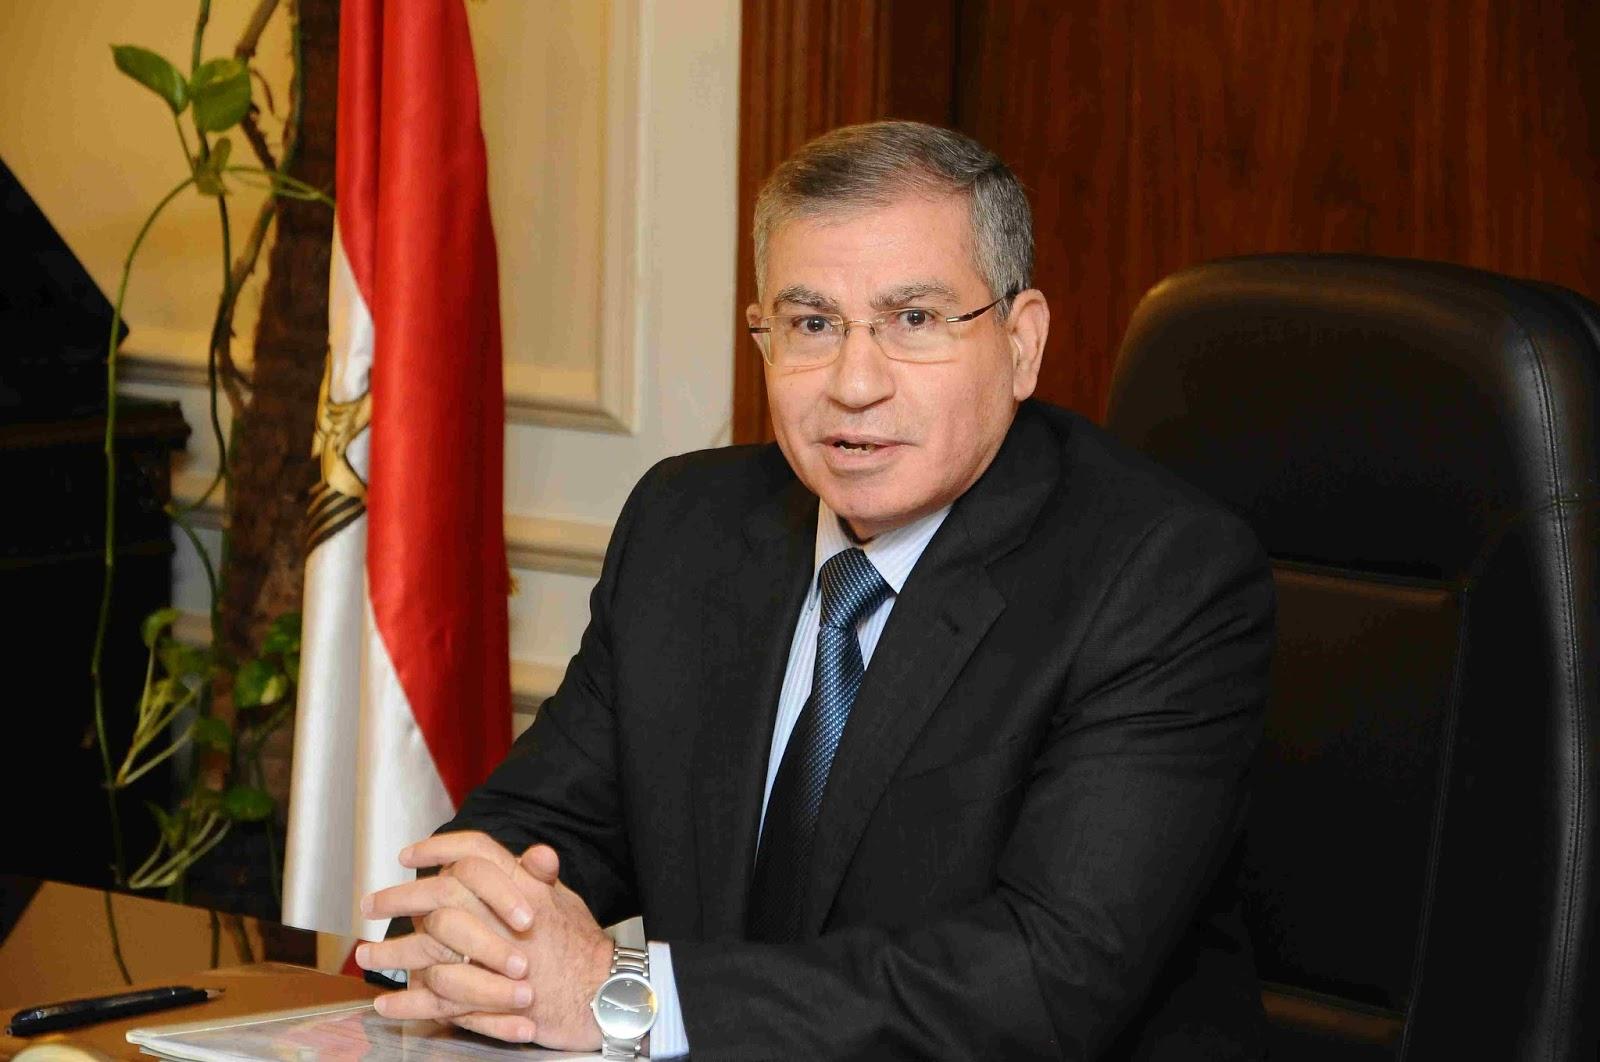 وزير التموين يعلن عن كامل الاستعدادات اللازمة لوضع خطة أستقبال شهر رمضان المبارك